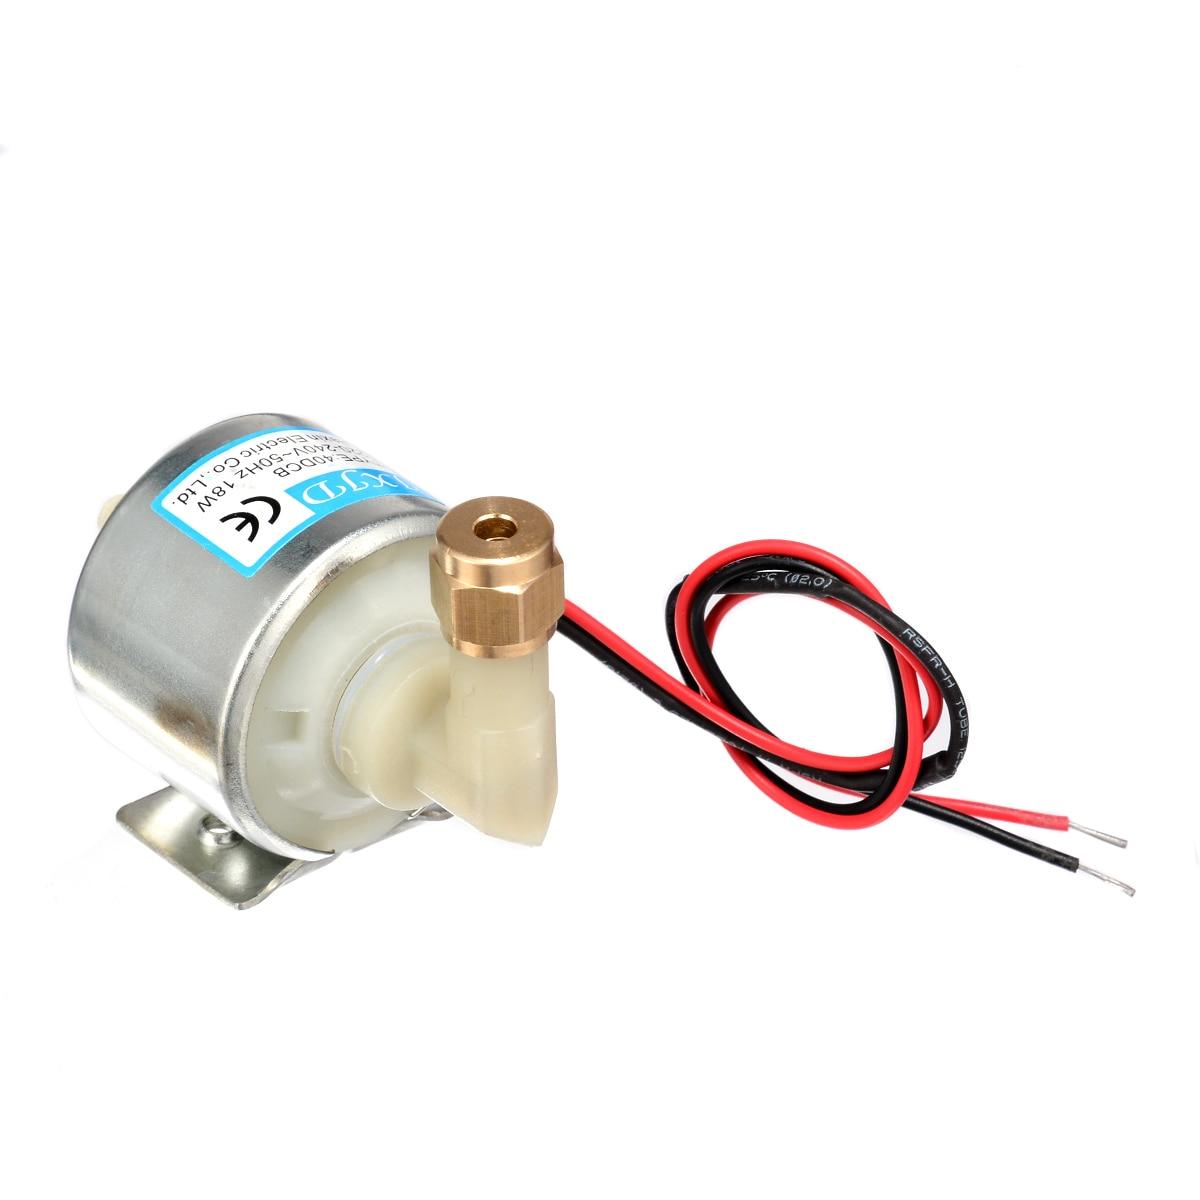 Nuovo 900 w Nebbia Macchina del Fumo Pompa Olio 40DCB 220 v ~ 240 v AC 50 hz Luci di Scena Del Partito accessori di Colore Casuale